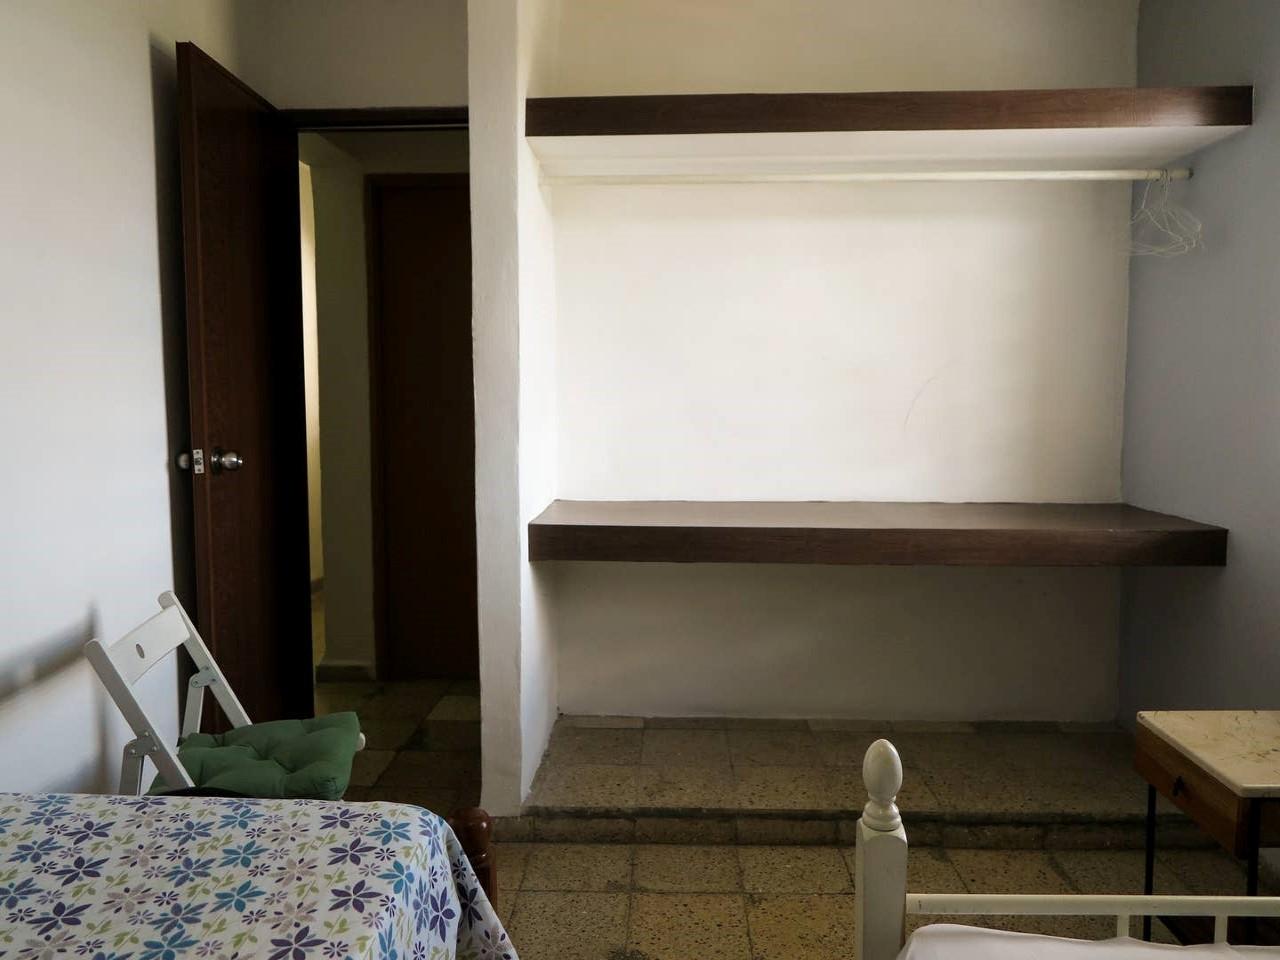 Apartamento La Plaza -                                                 Habitación 2